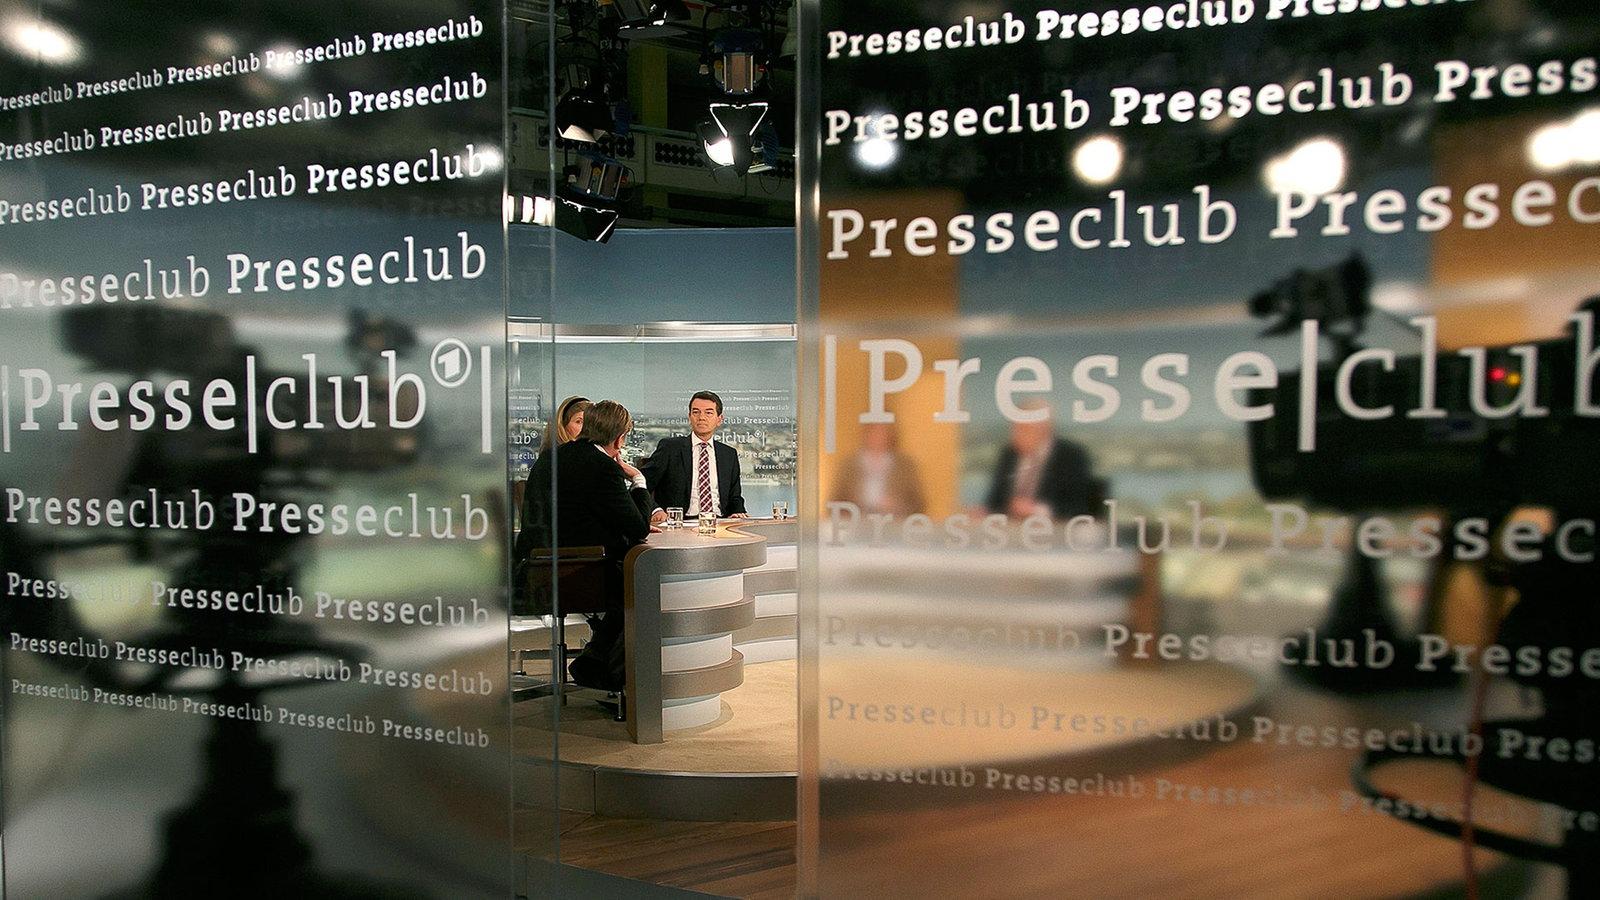 Ard Presseclub Live